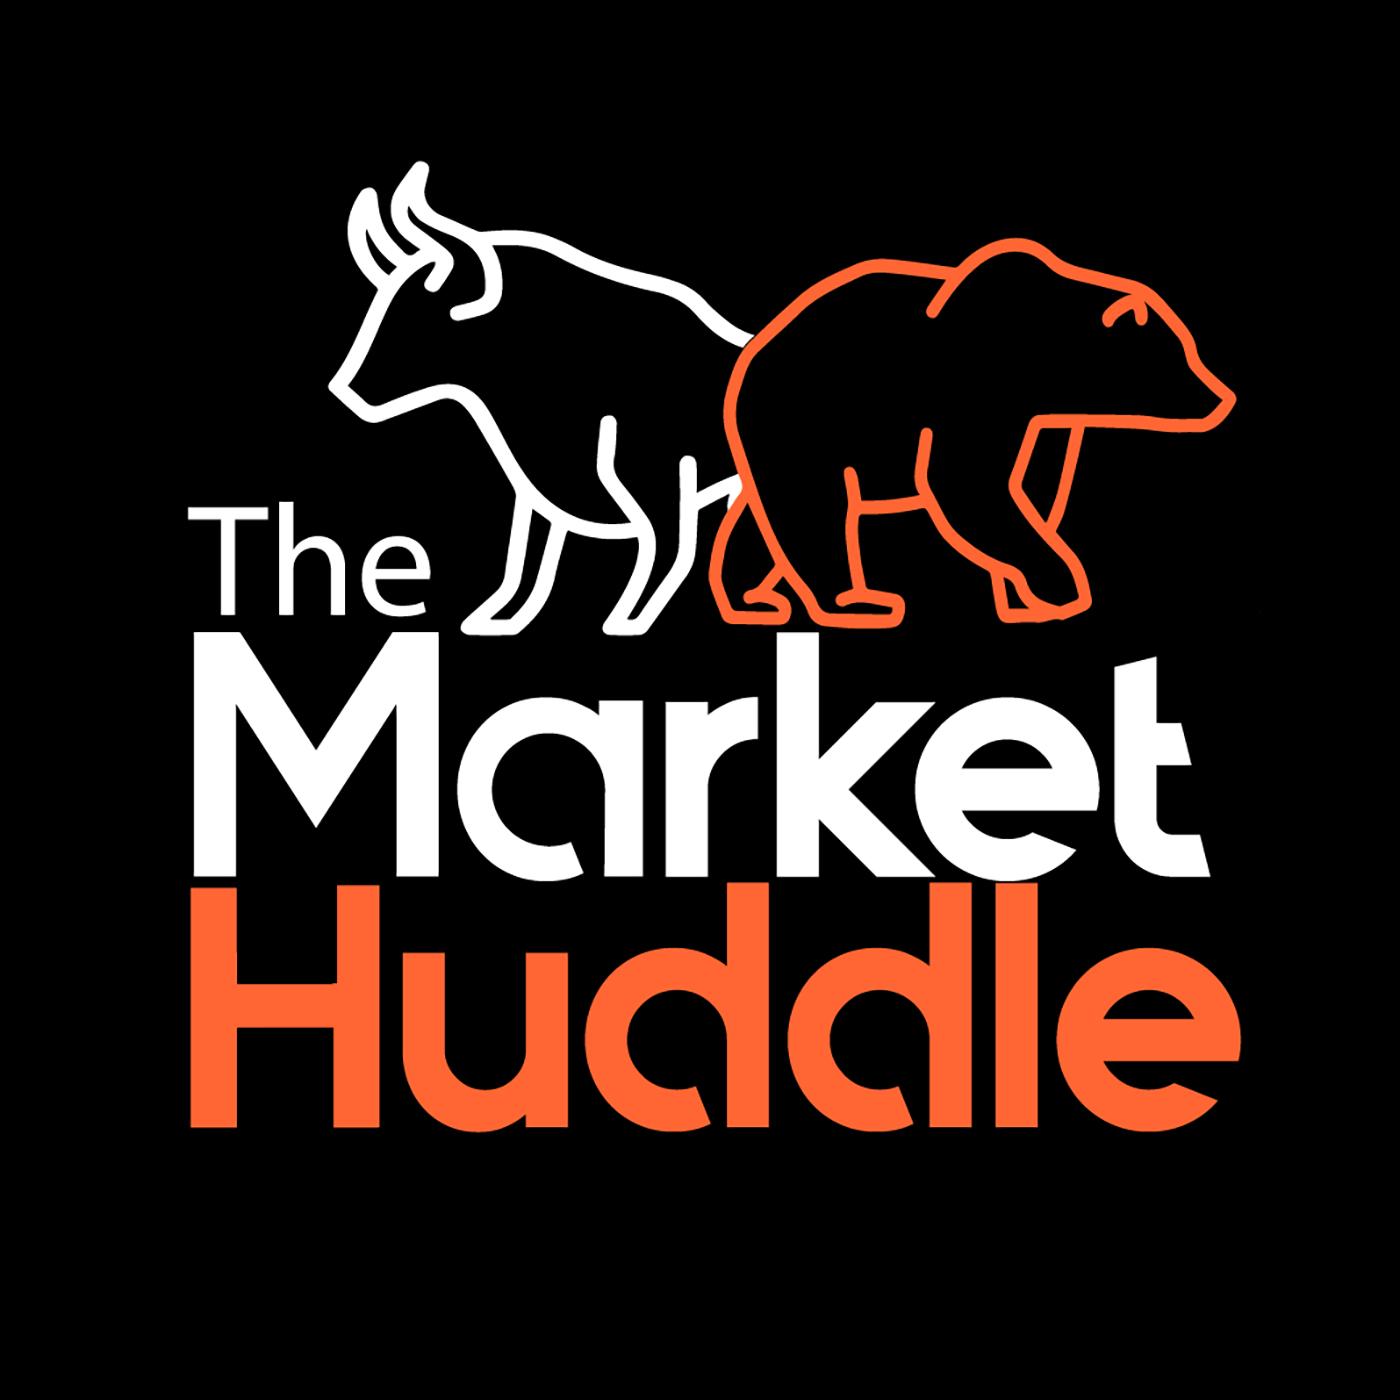 The Market Huddle